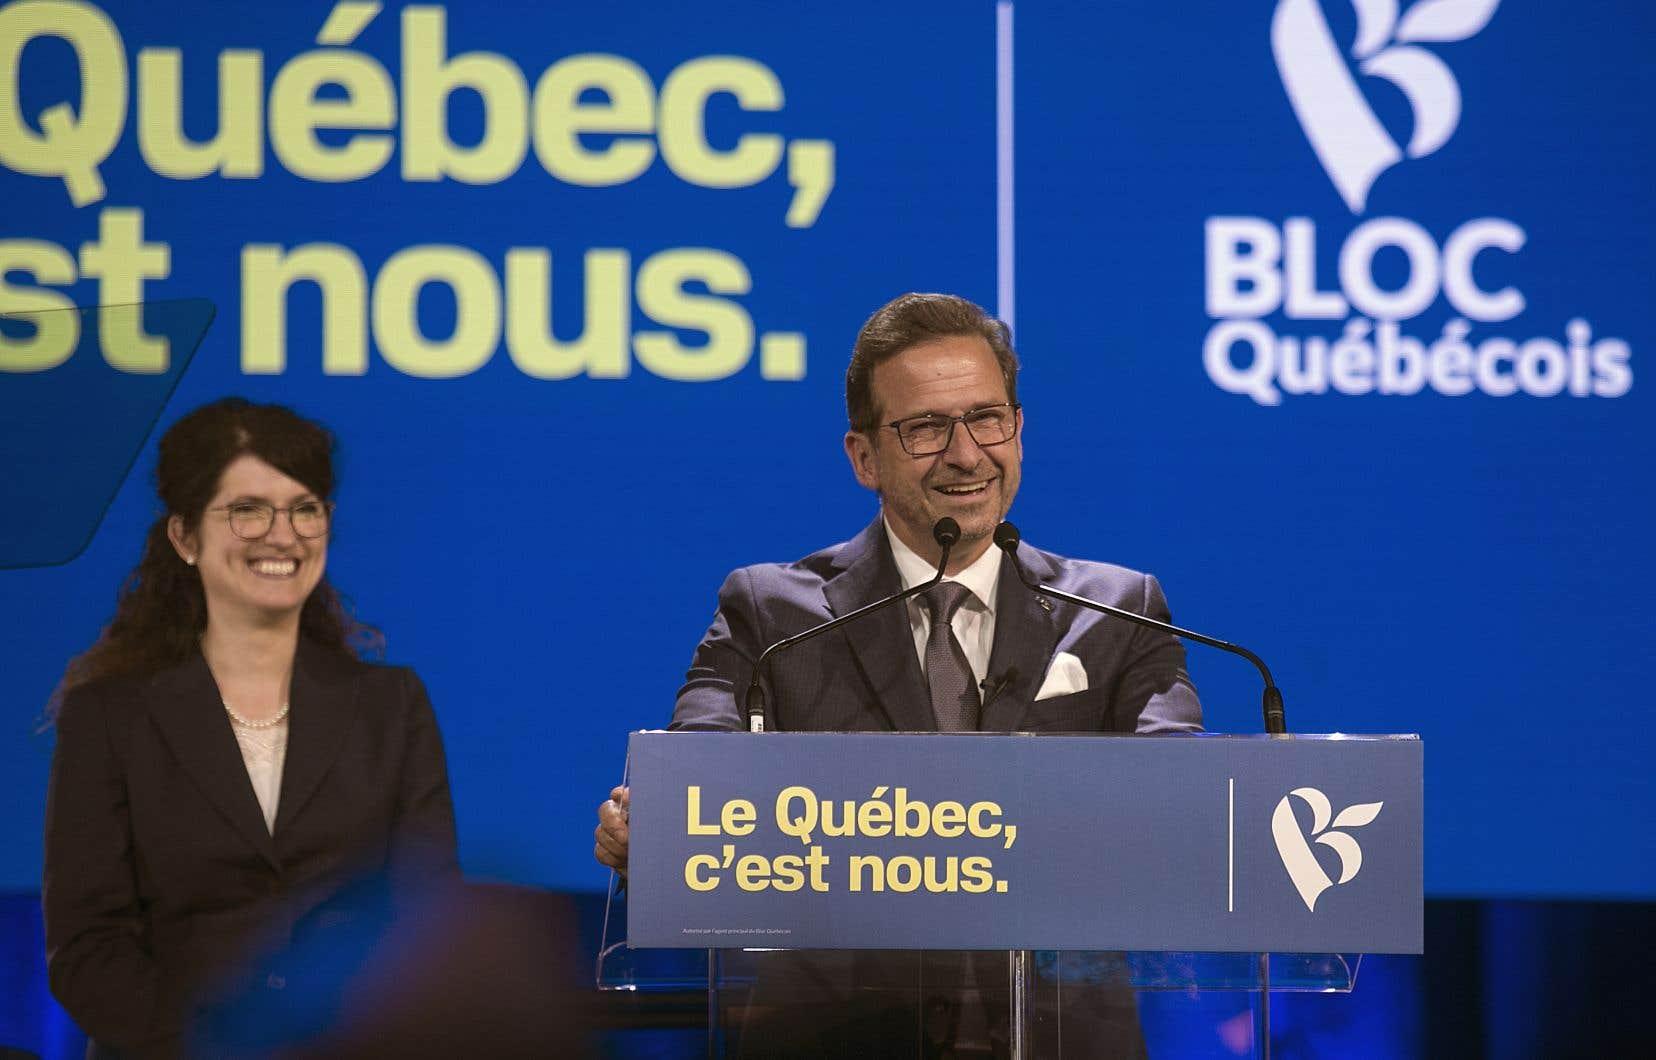 Le mandat premier du chef bloquiste, estime l'auteur, est de promouvoir la souveraineté du Québec.